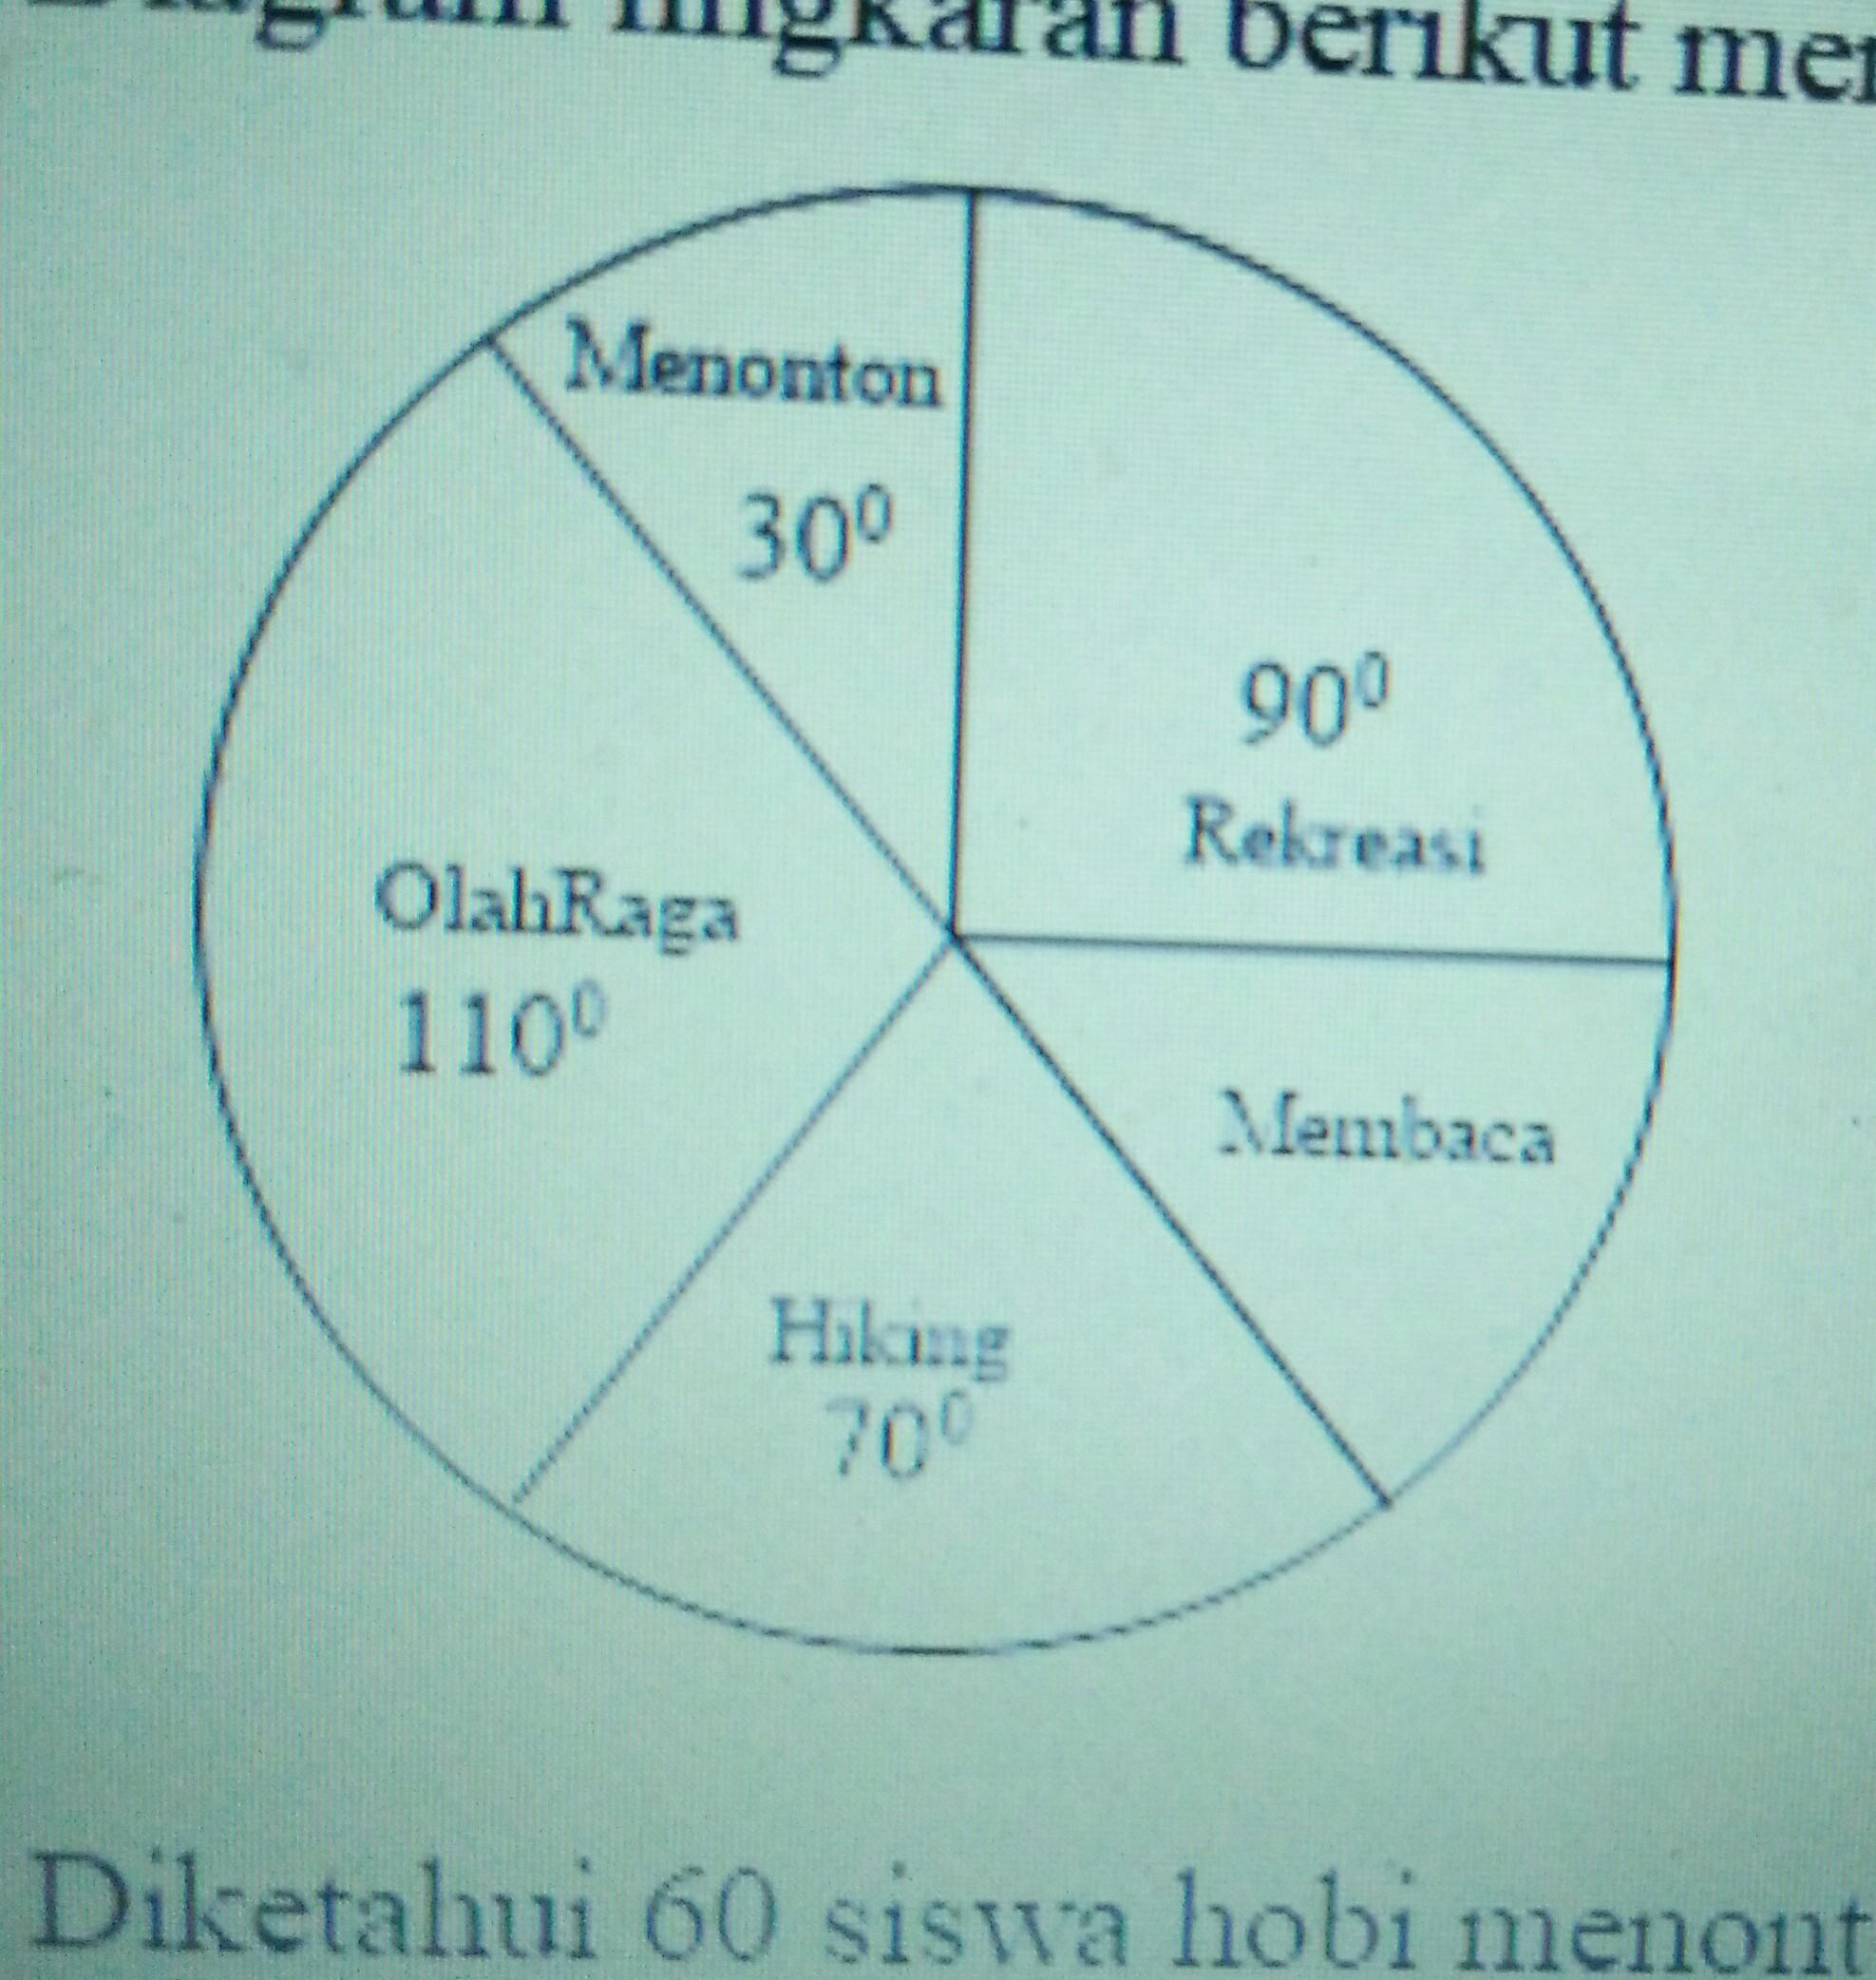 Diagram lingkaran berikut menujukan hobi daridiketahui 60siswa diagram lingkaran berikut menujukan hobi dari diketahui 60siswa hobi menonton banyak siswa ccuart Gallery